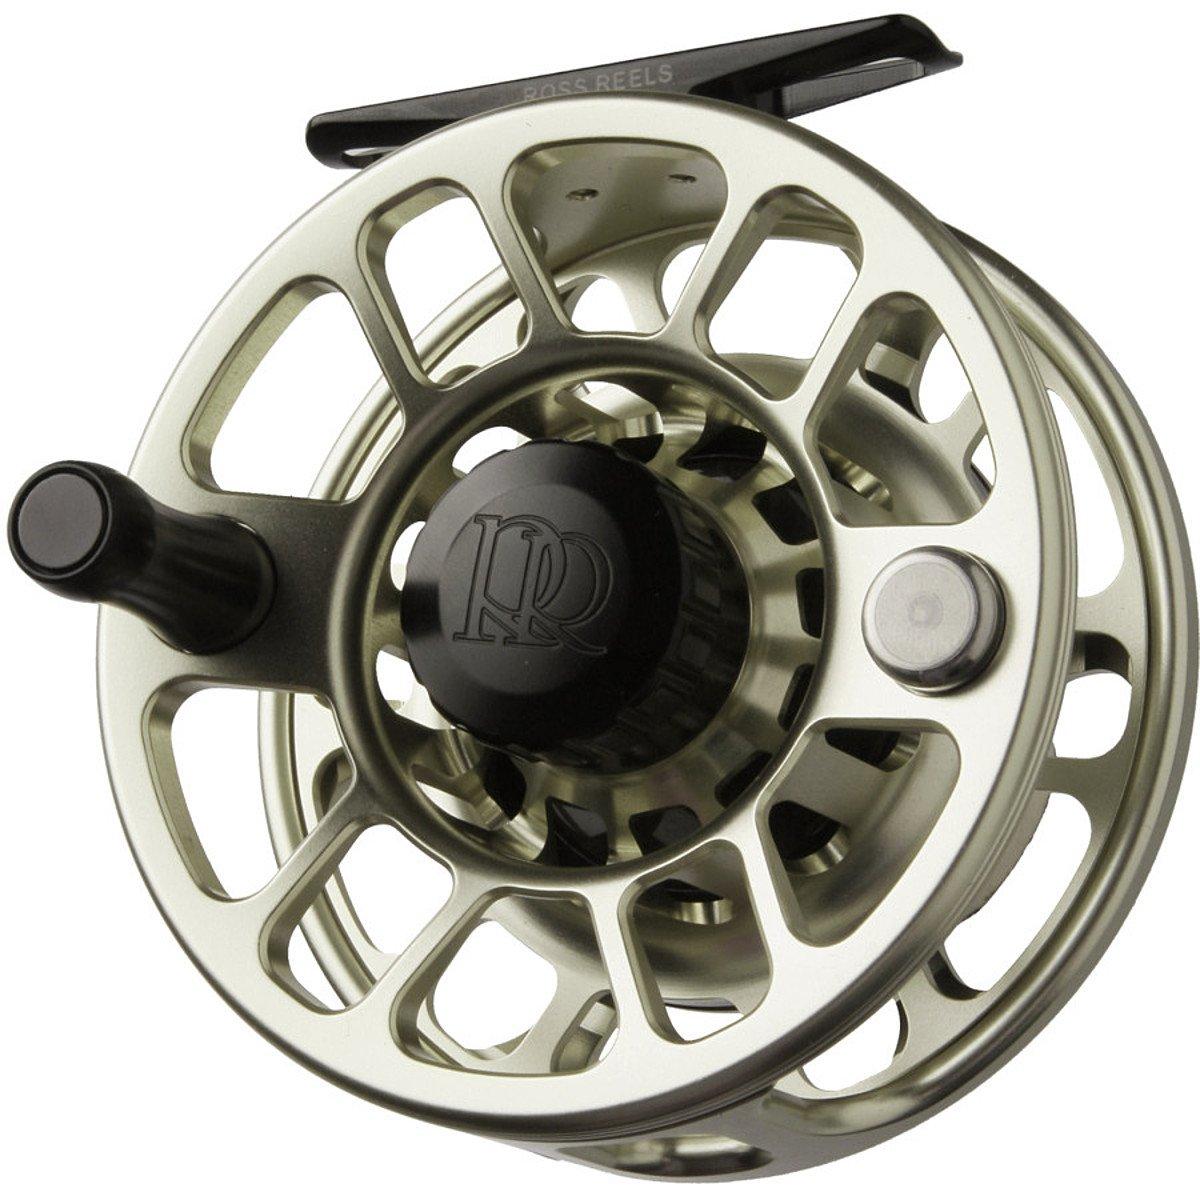 Ross Momentum LT Fly Fishing Reel : : : The Big魚フライリール B001O1YD7U 6|シャンパンゴールド シャンパンゴールド 6